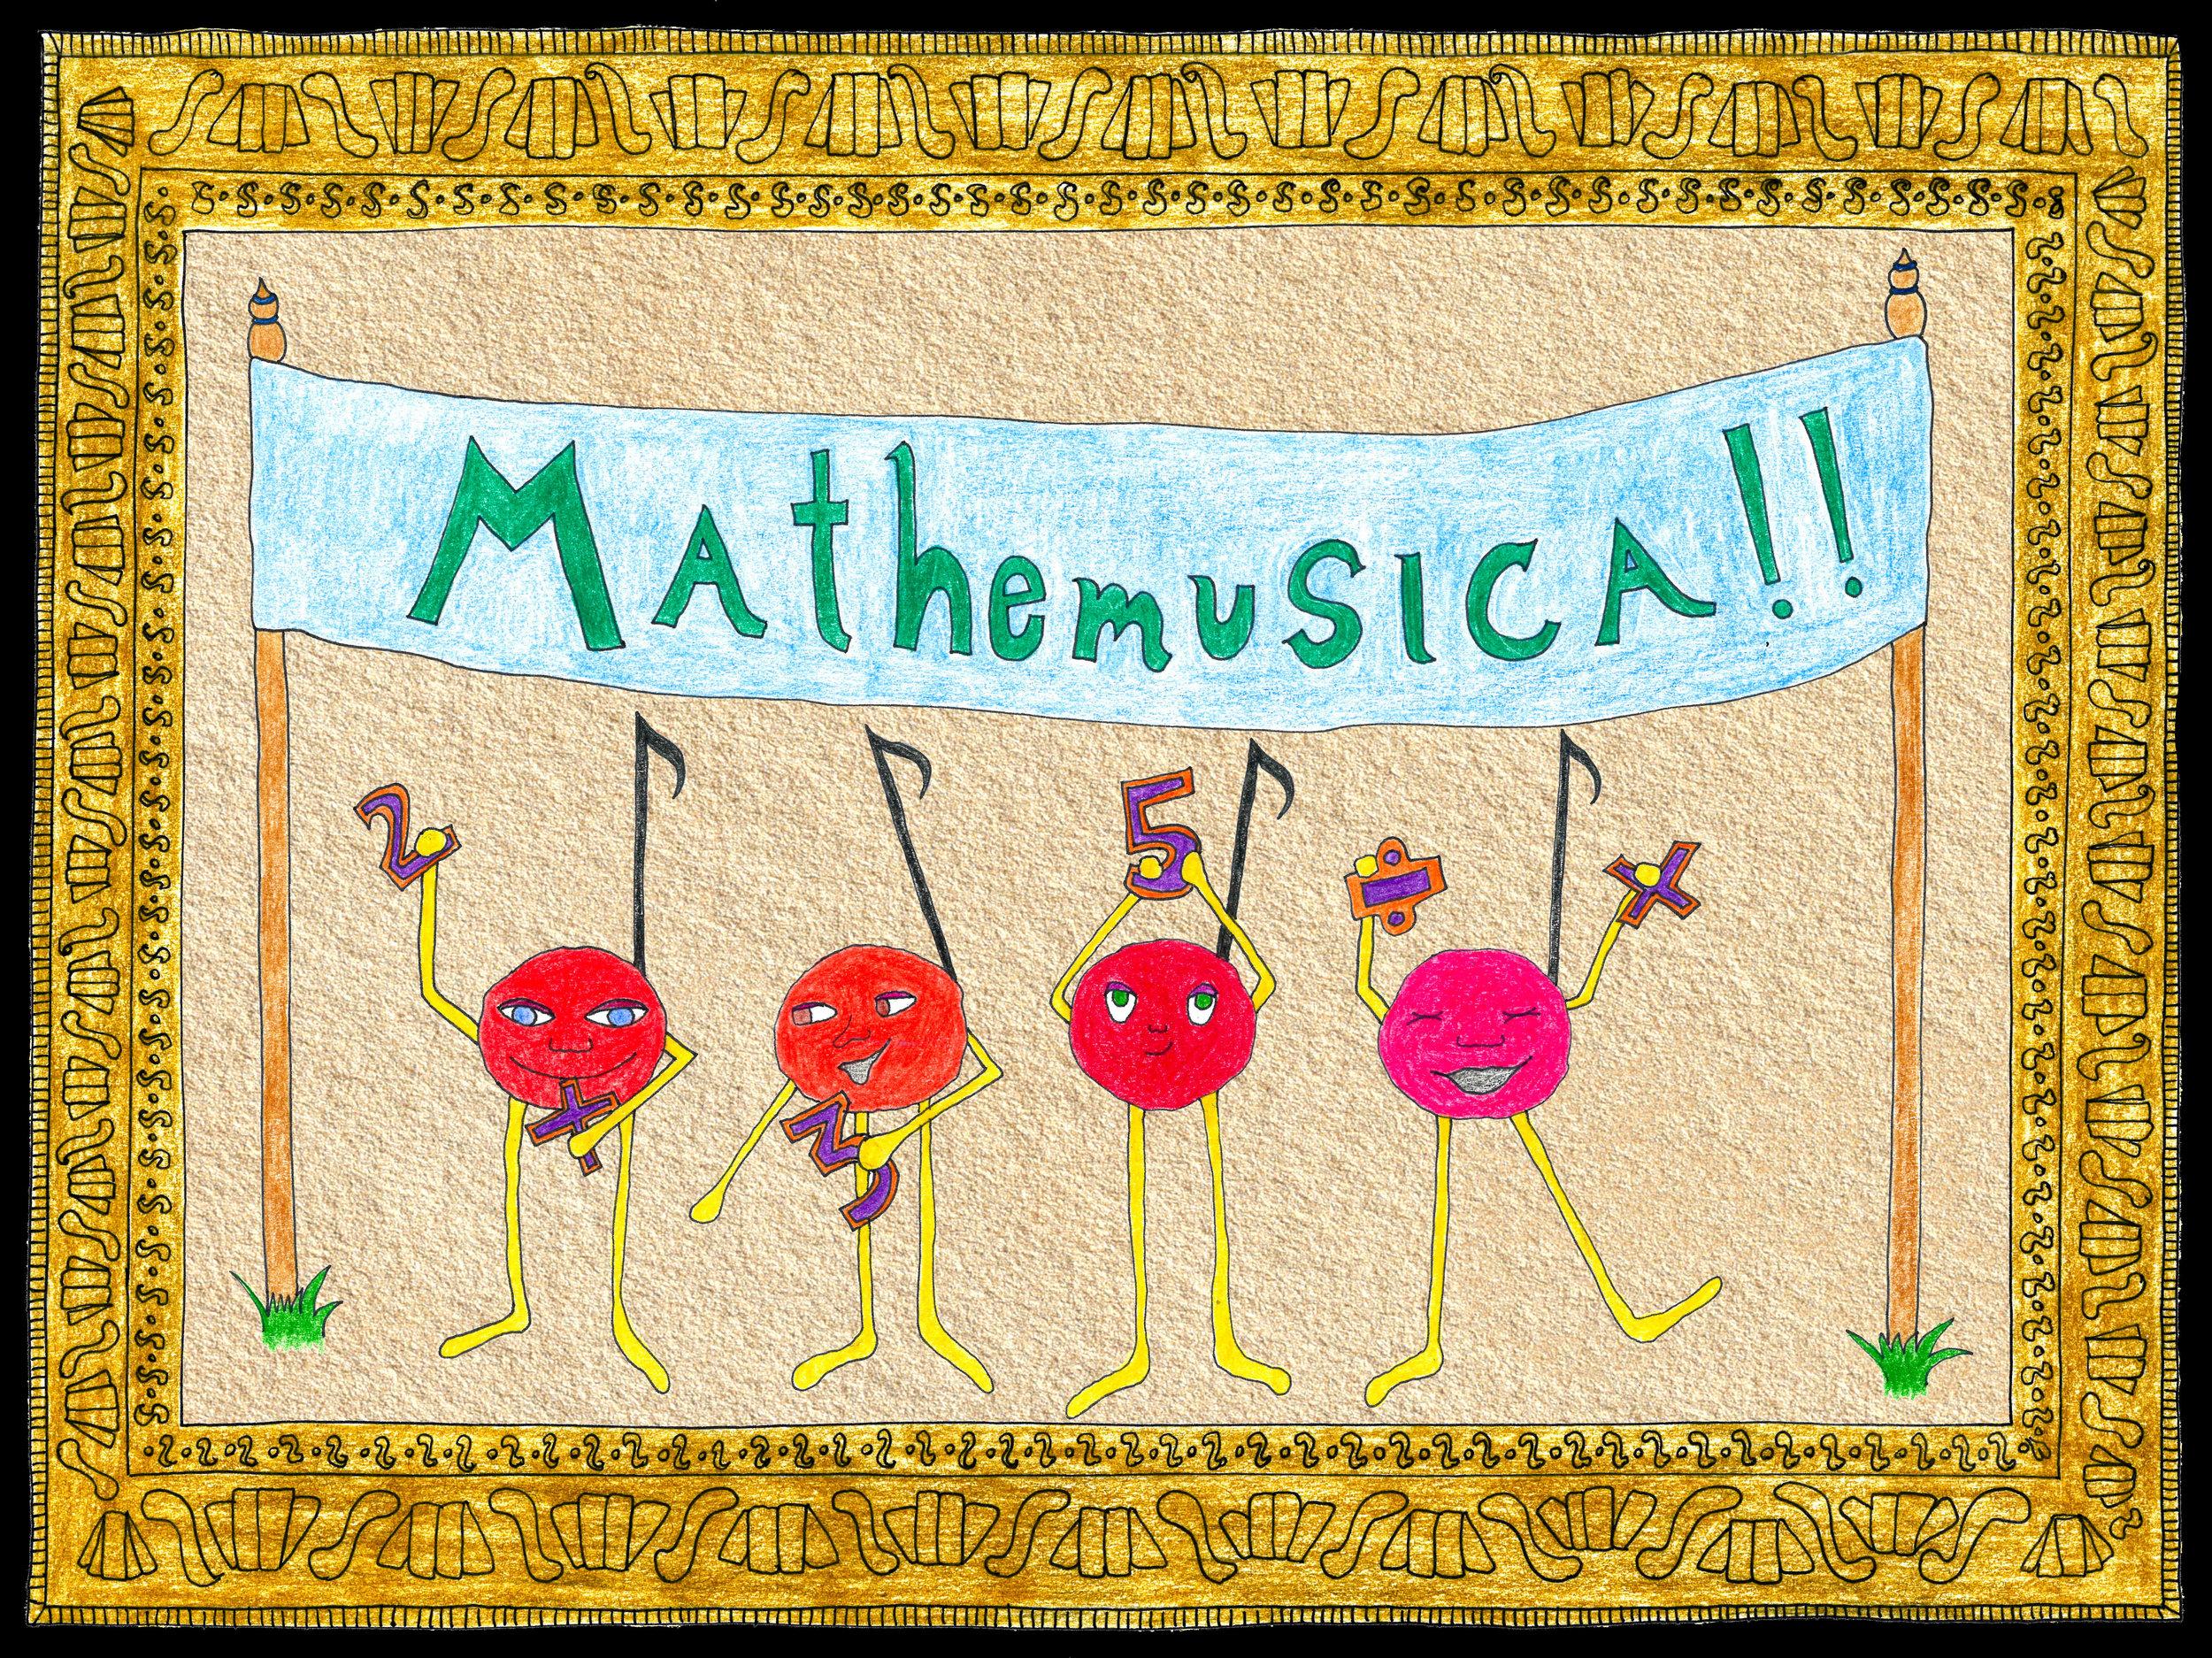 13 Mathemusica.jpg